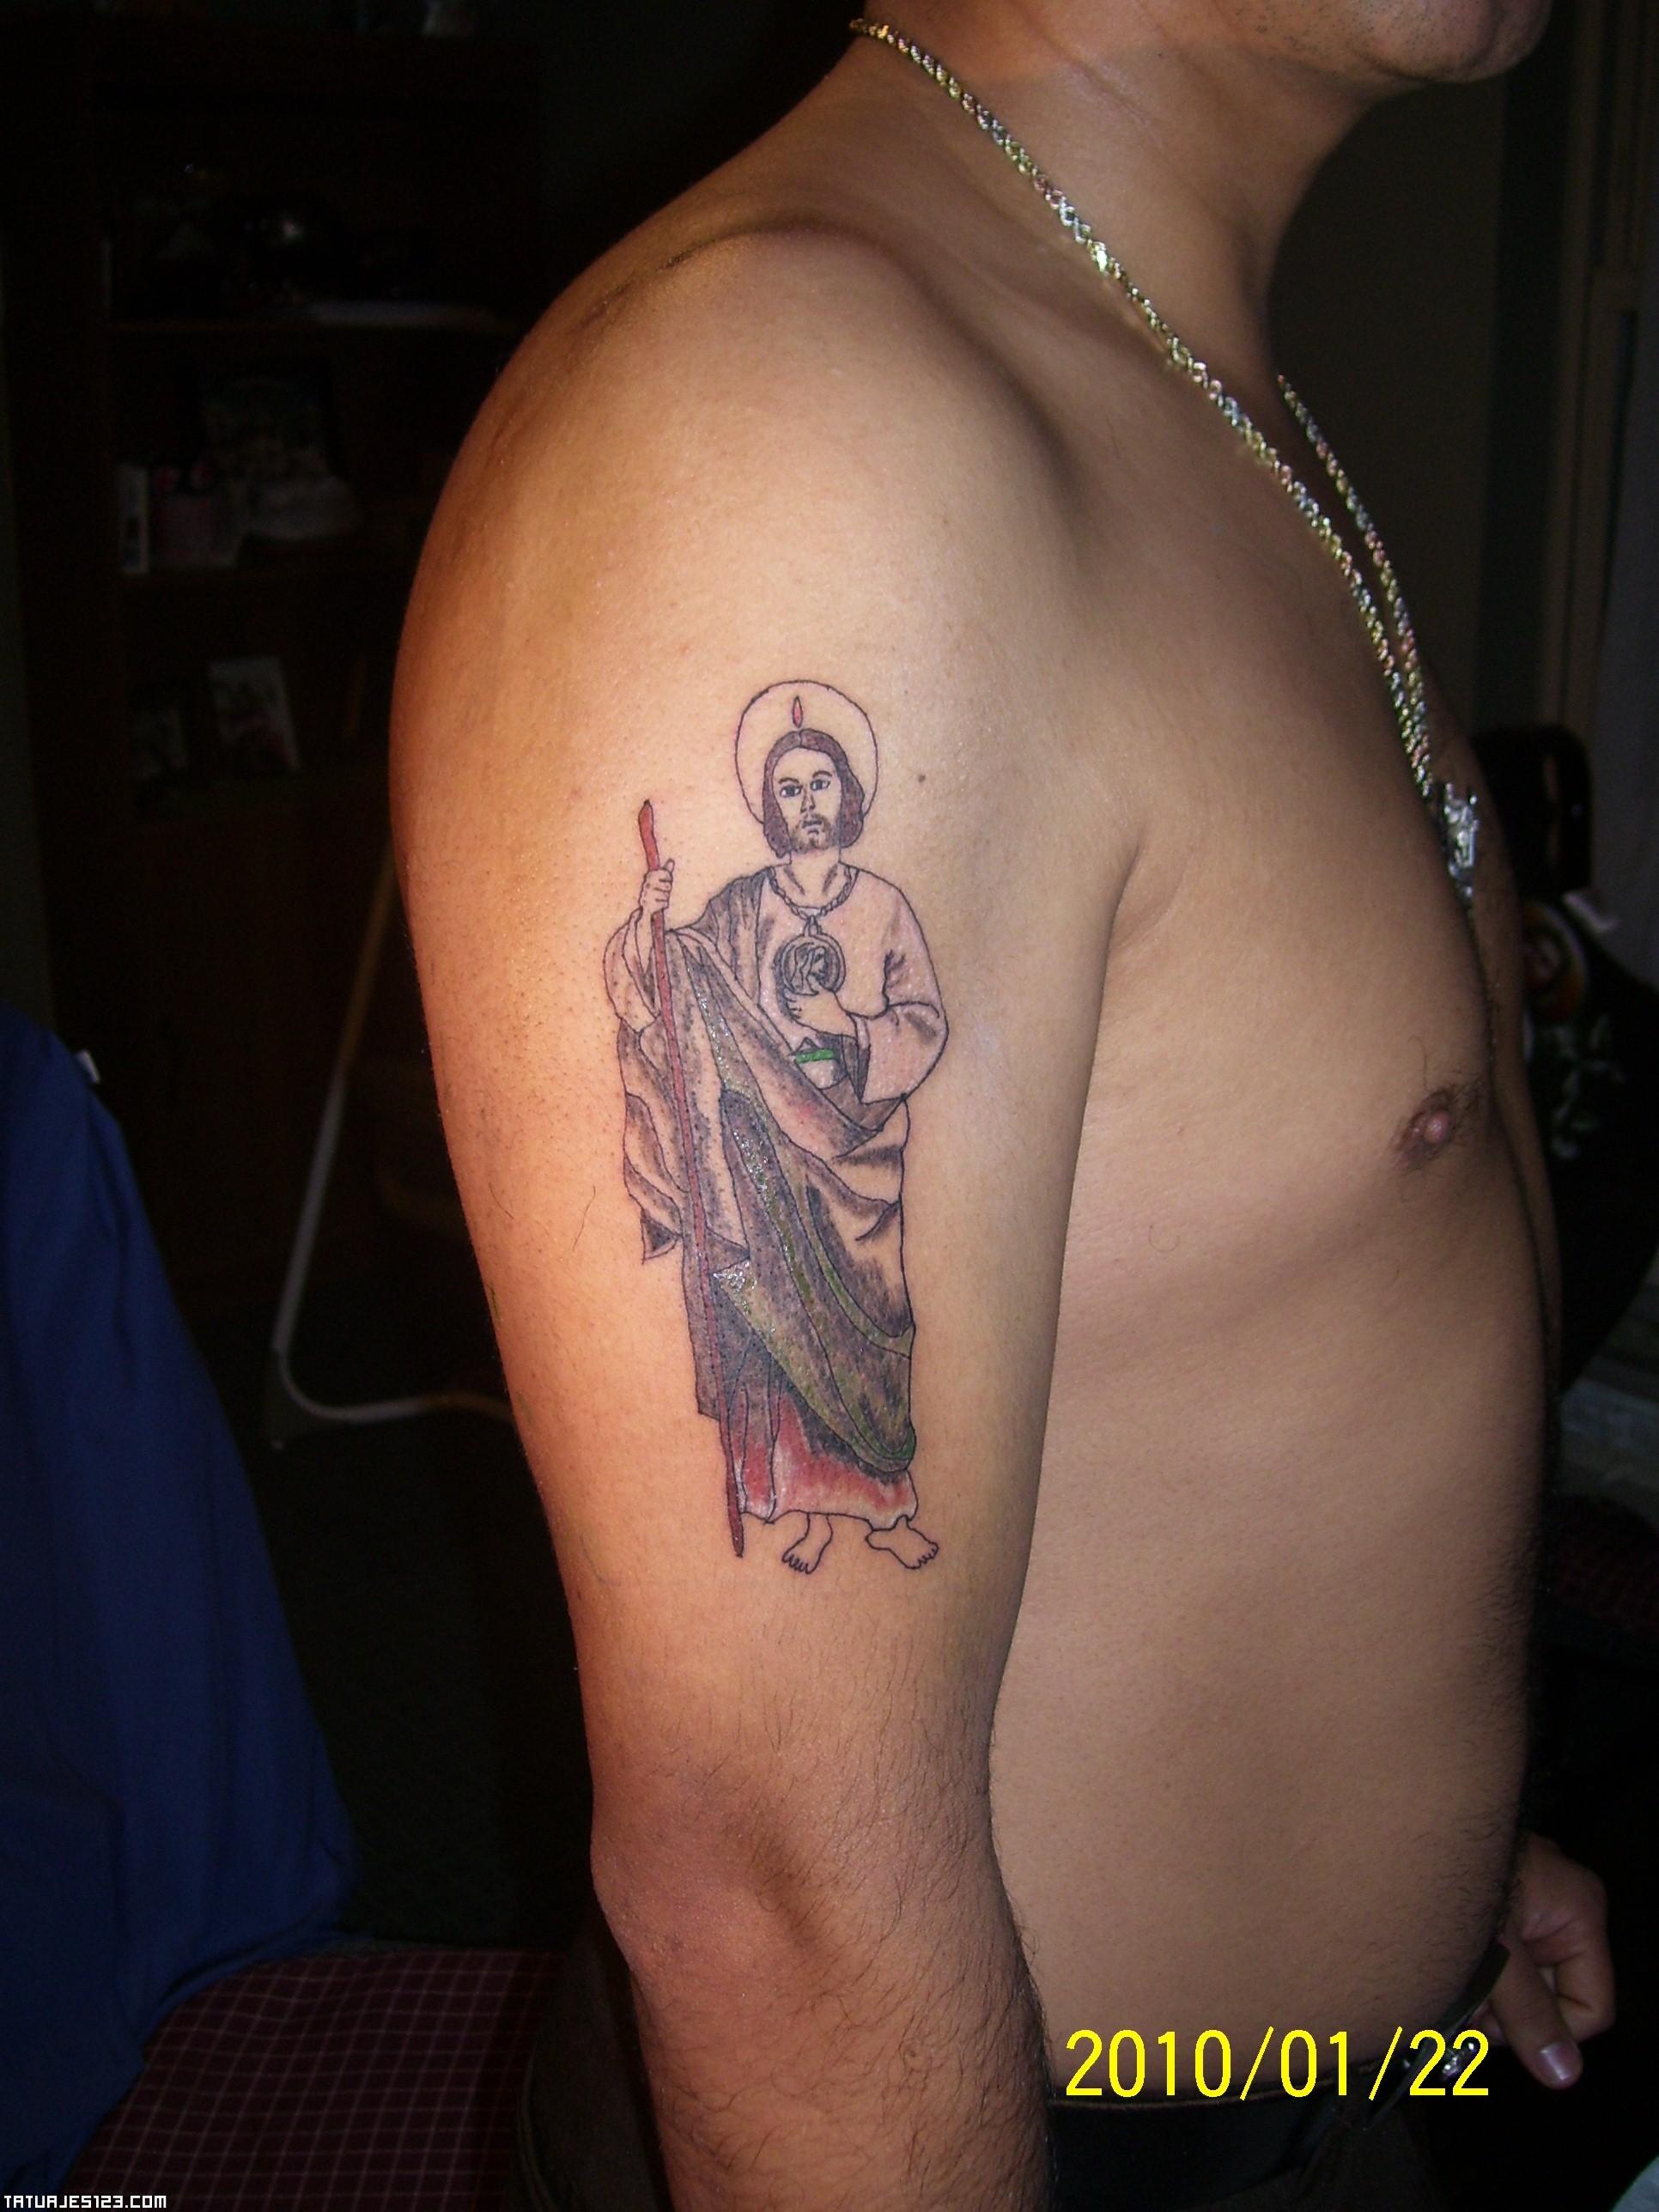 Cuerpo y Arte - Tatuajes, Piercings y Arte Corporal